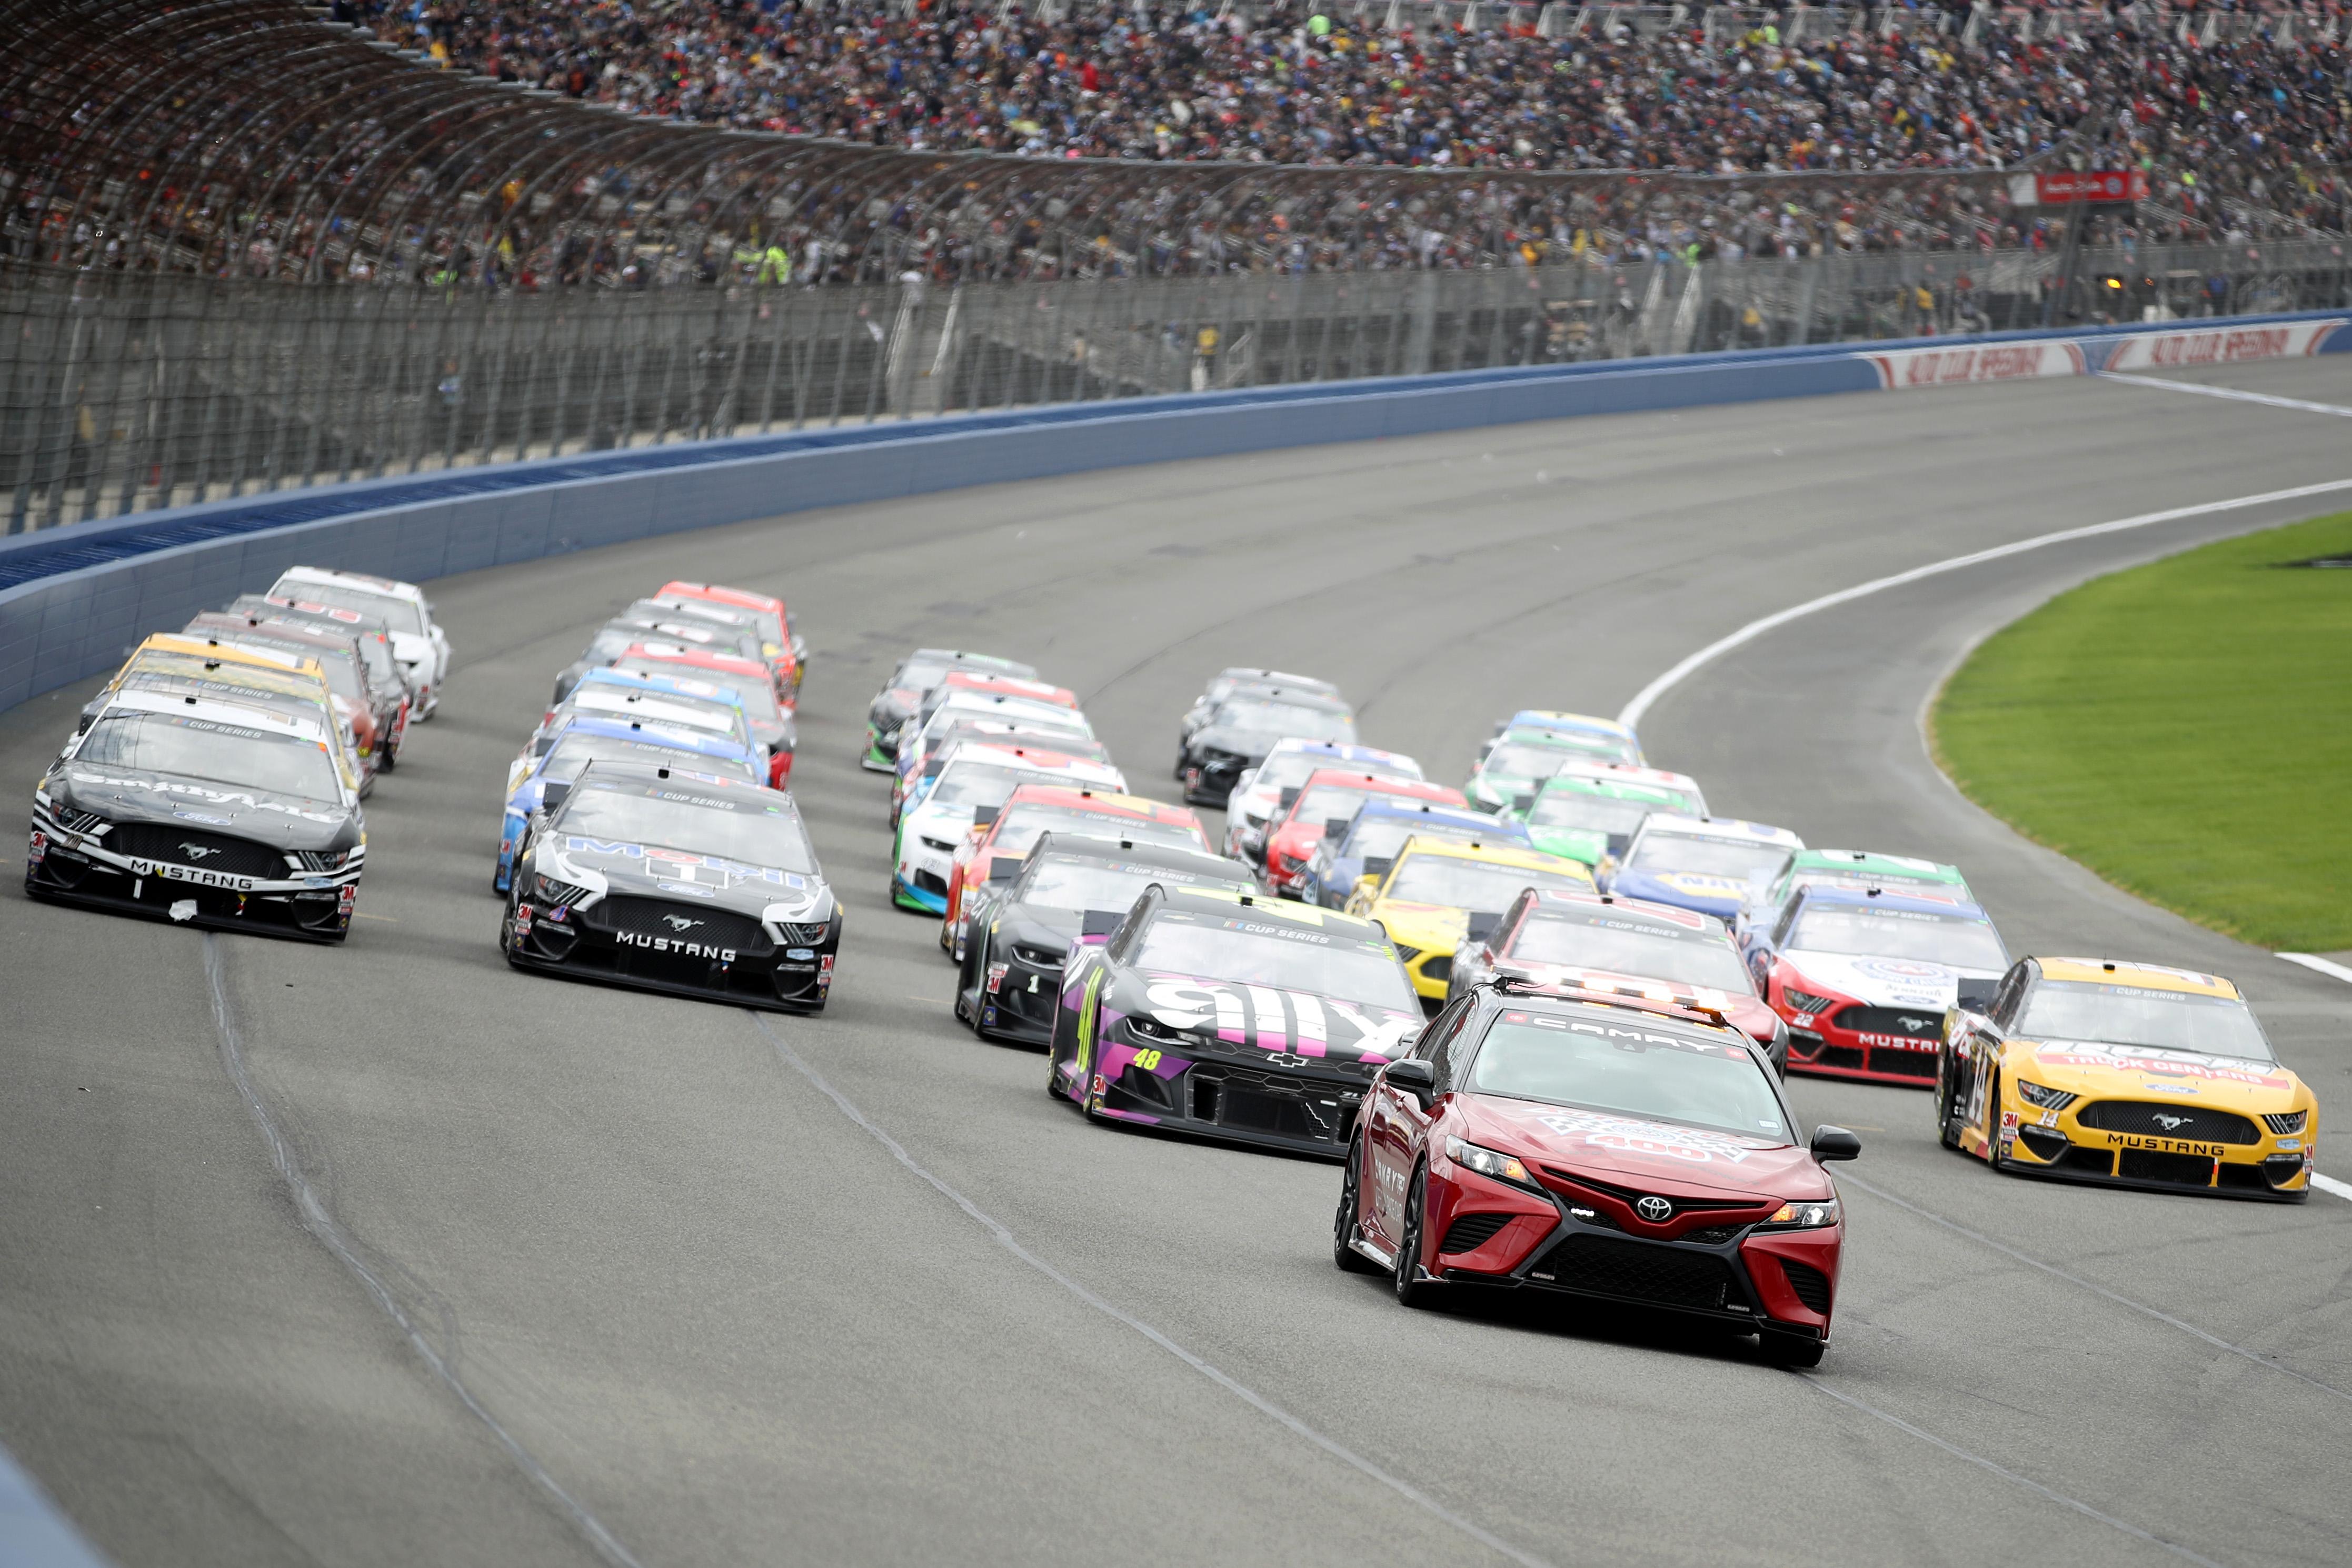 Fontana NASCAR 2020